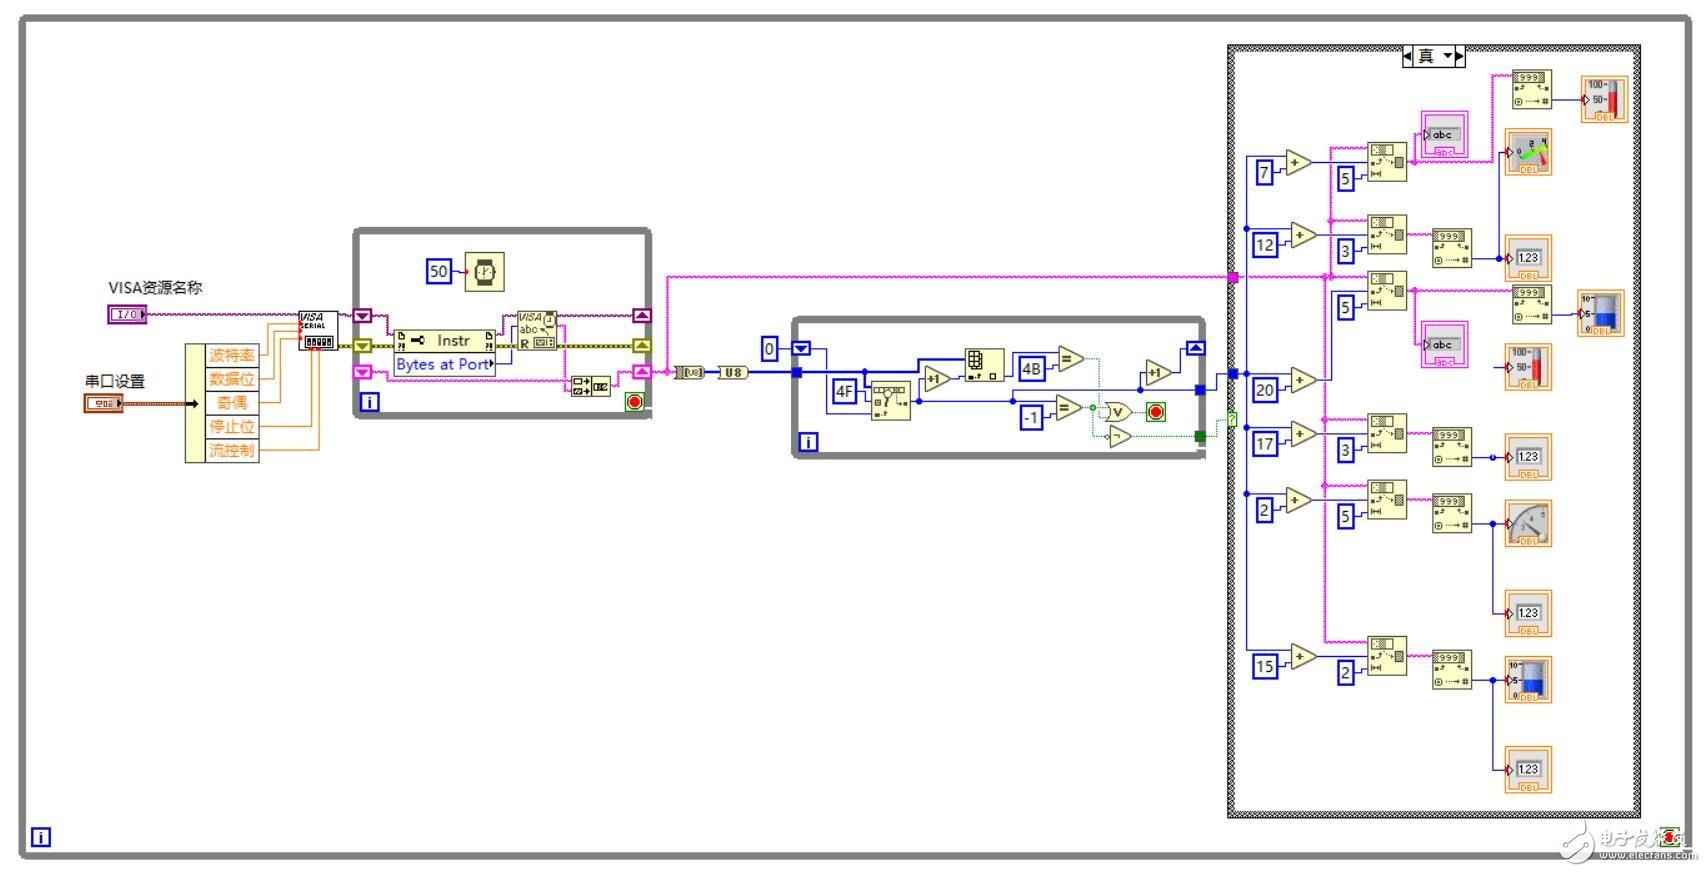 请问这个labview串口通信被动接收数据程序有什么错误